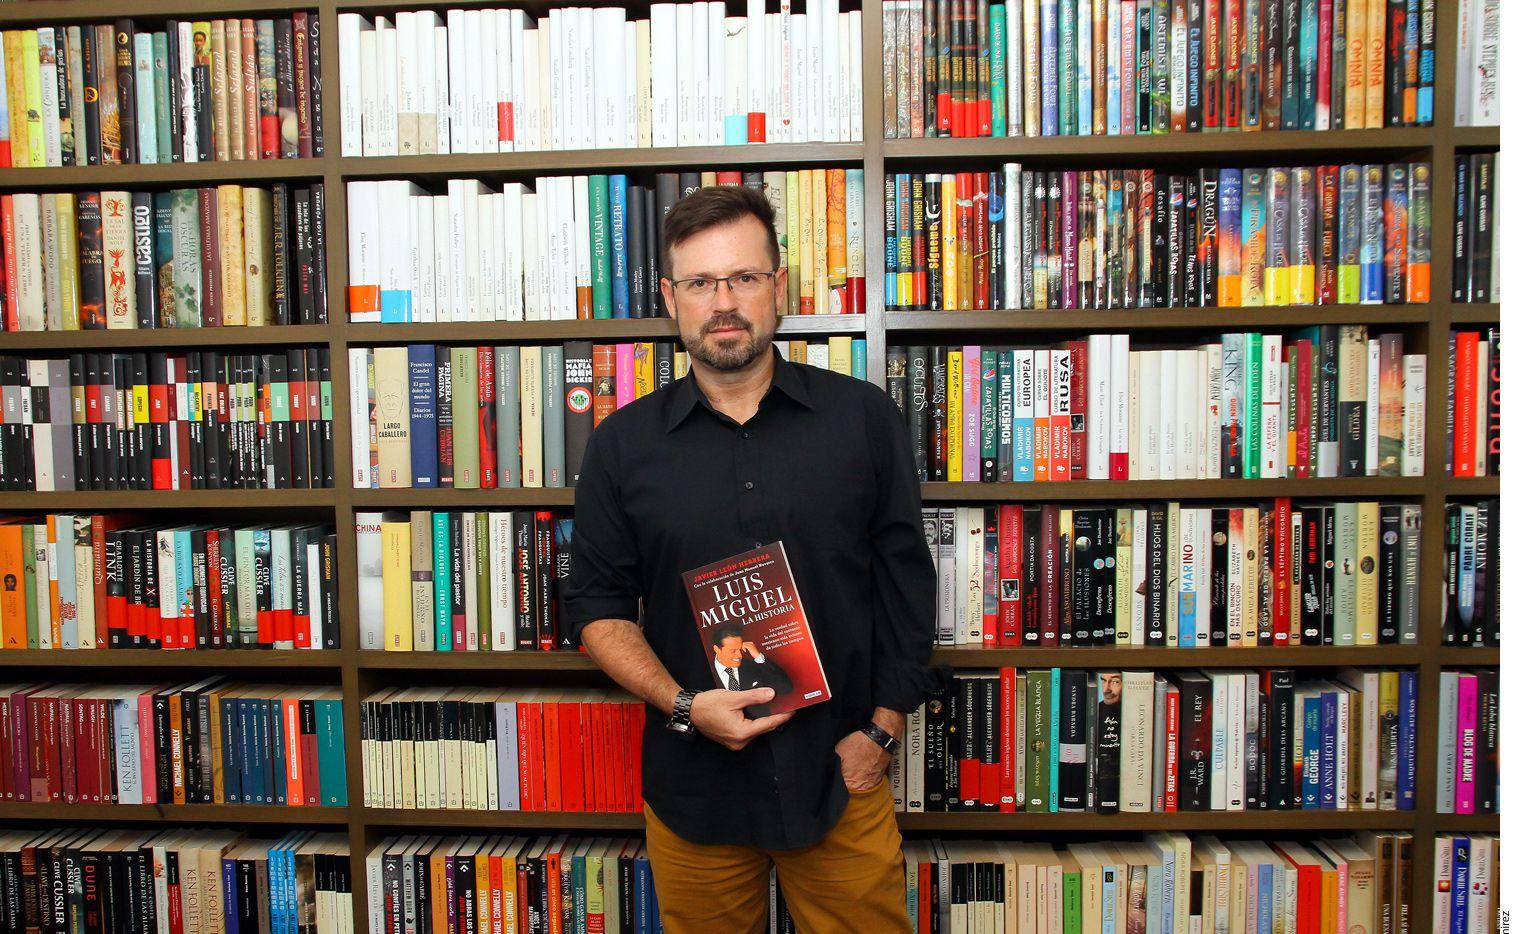 """Javier León, autor de """"Luis mi Rey"""" y """"Luis Miguel la Historia"""", dice que está orgulloso de que su trabajo sea valorado por el ídolo./ AGENCIA REFORMA"""